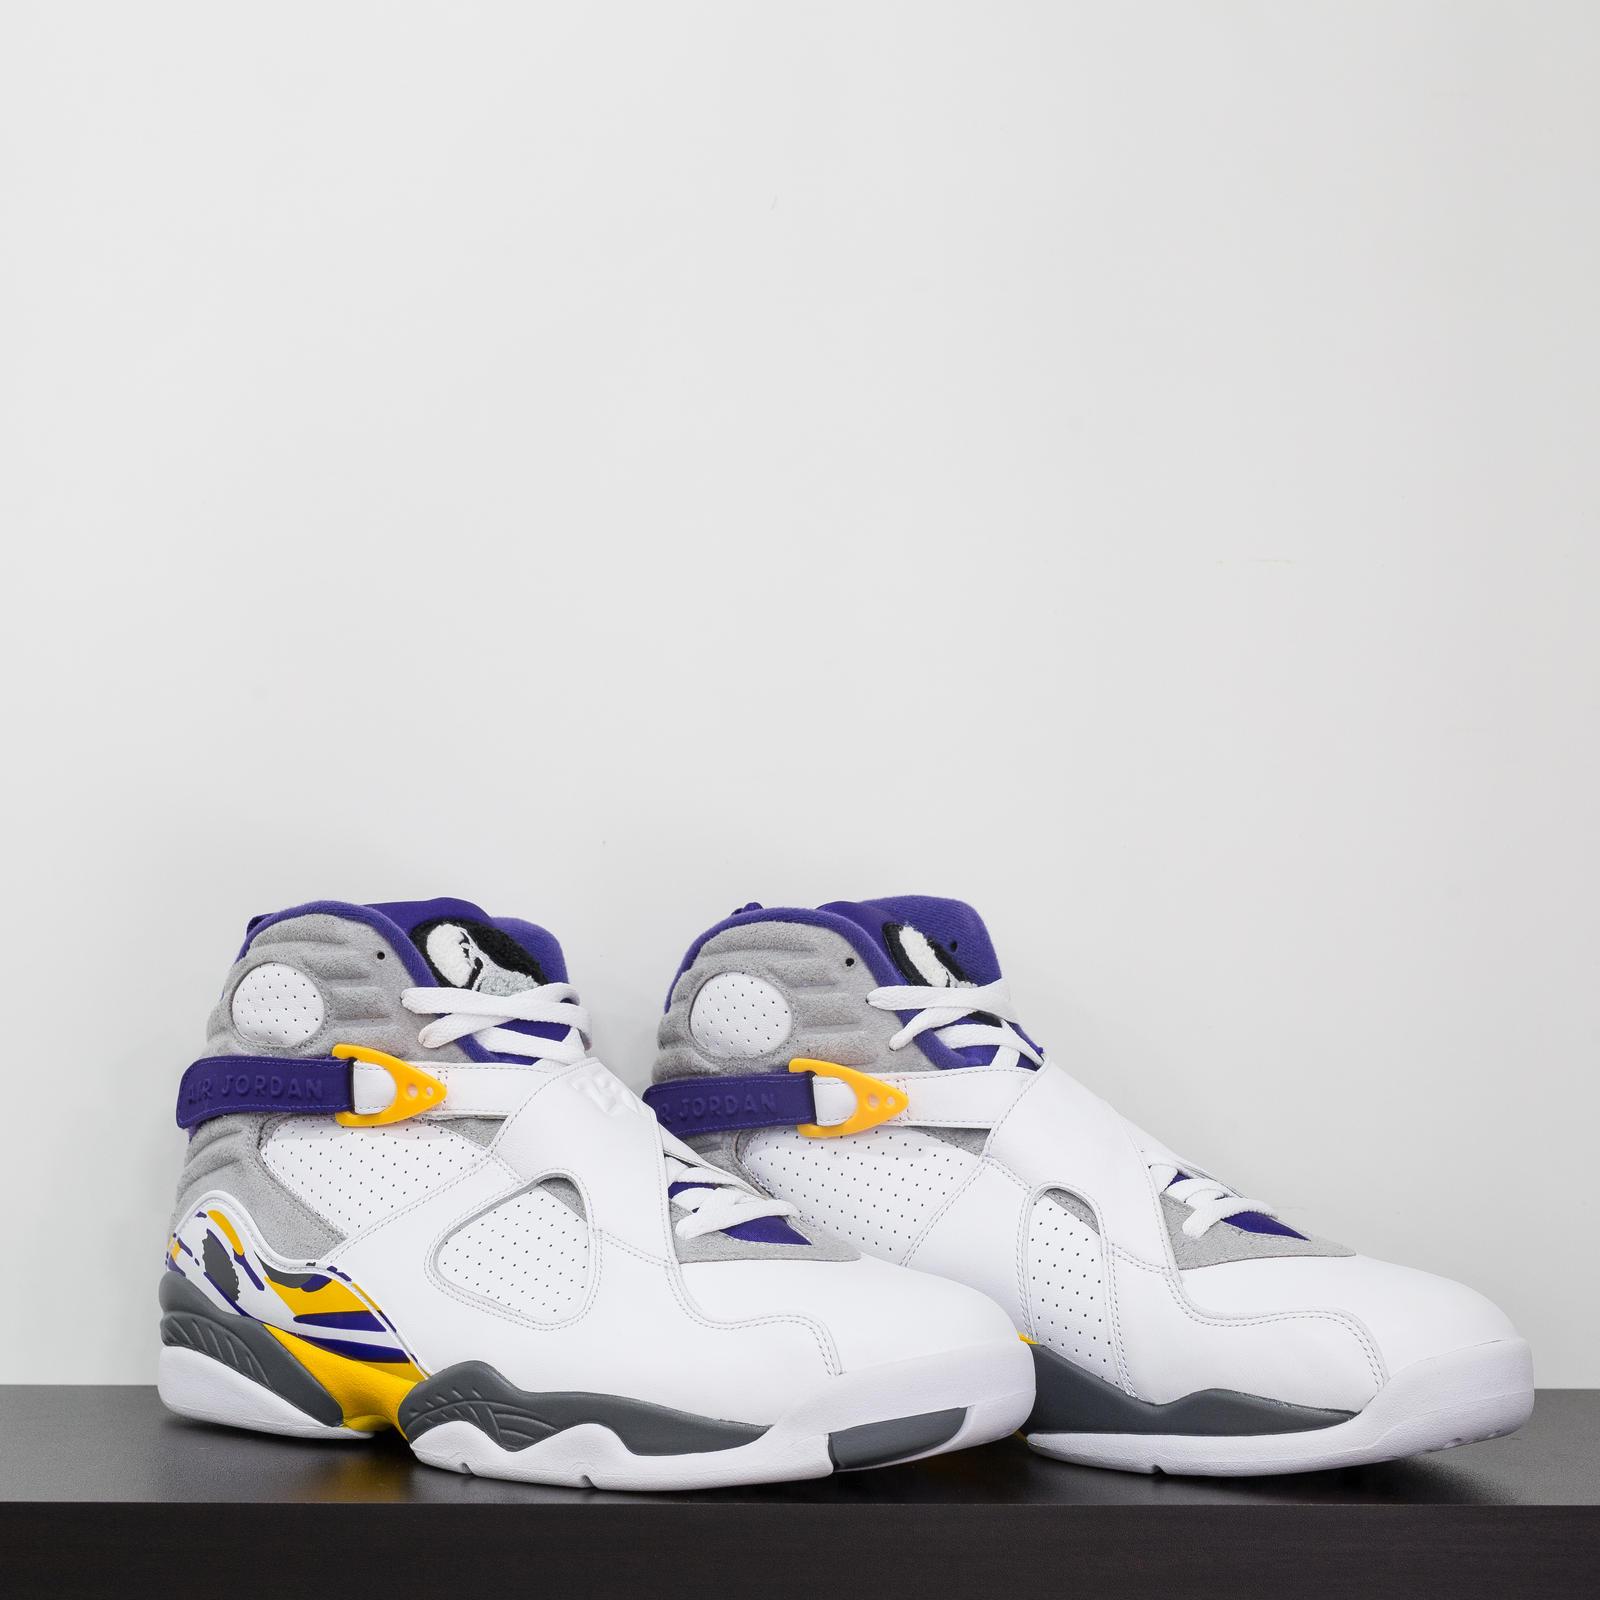 a jordan shoes